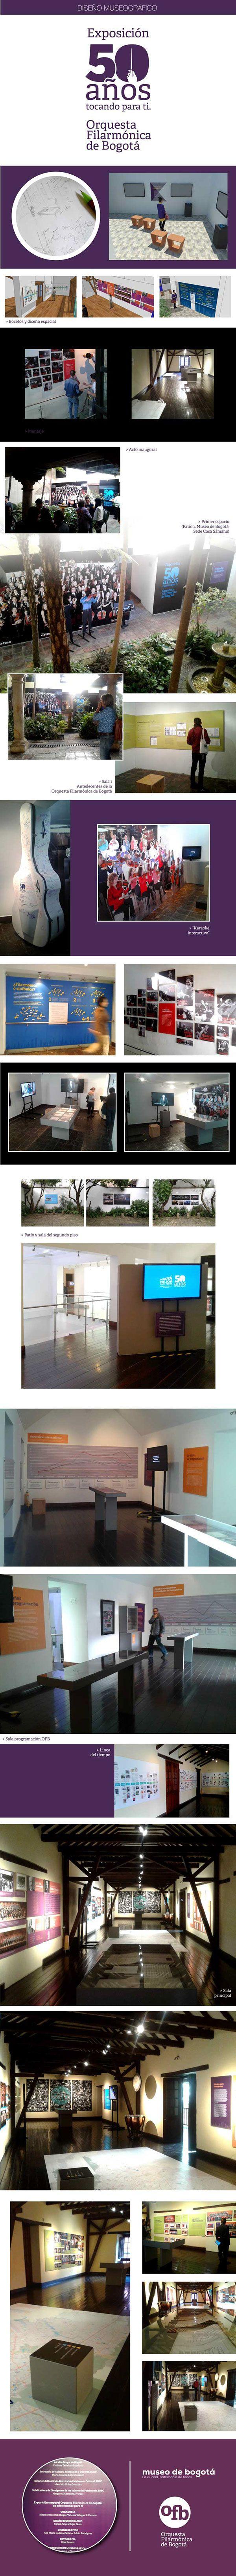 Diseño museográfico OFB 50 años. Museo de Bogotá